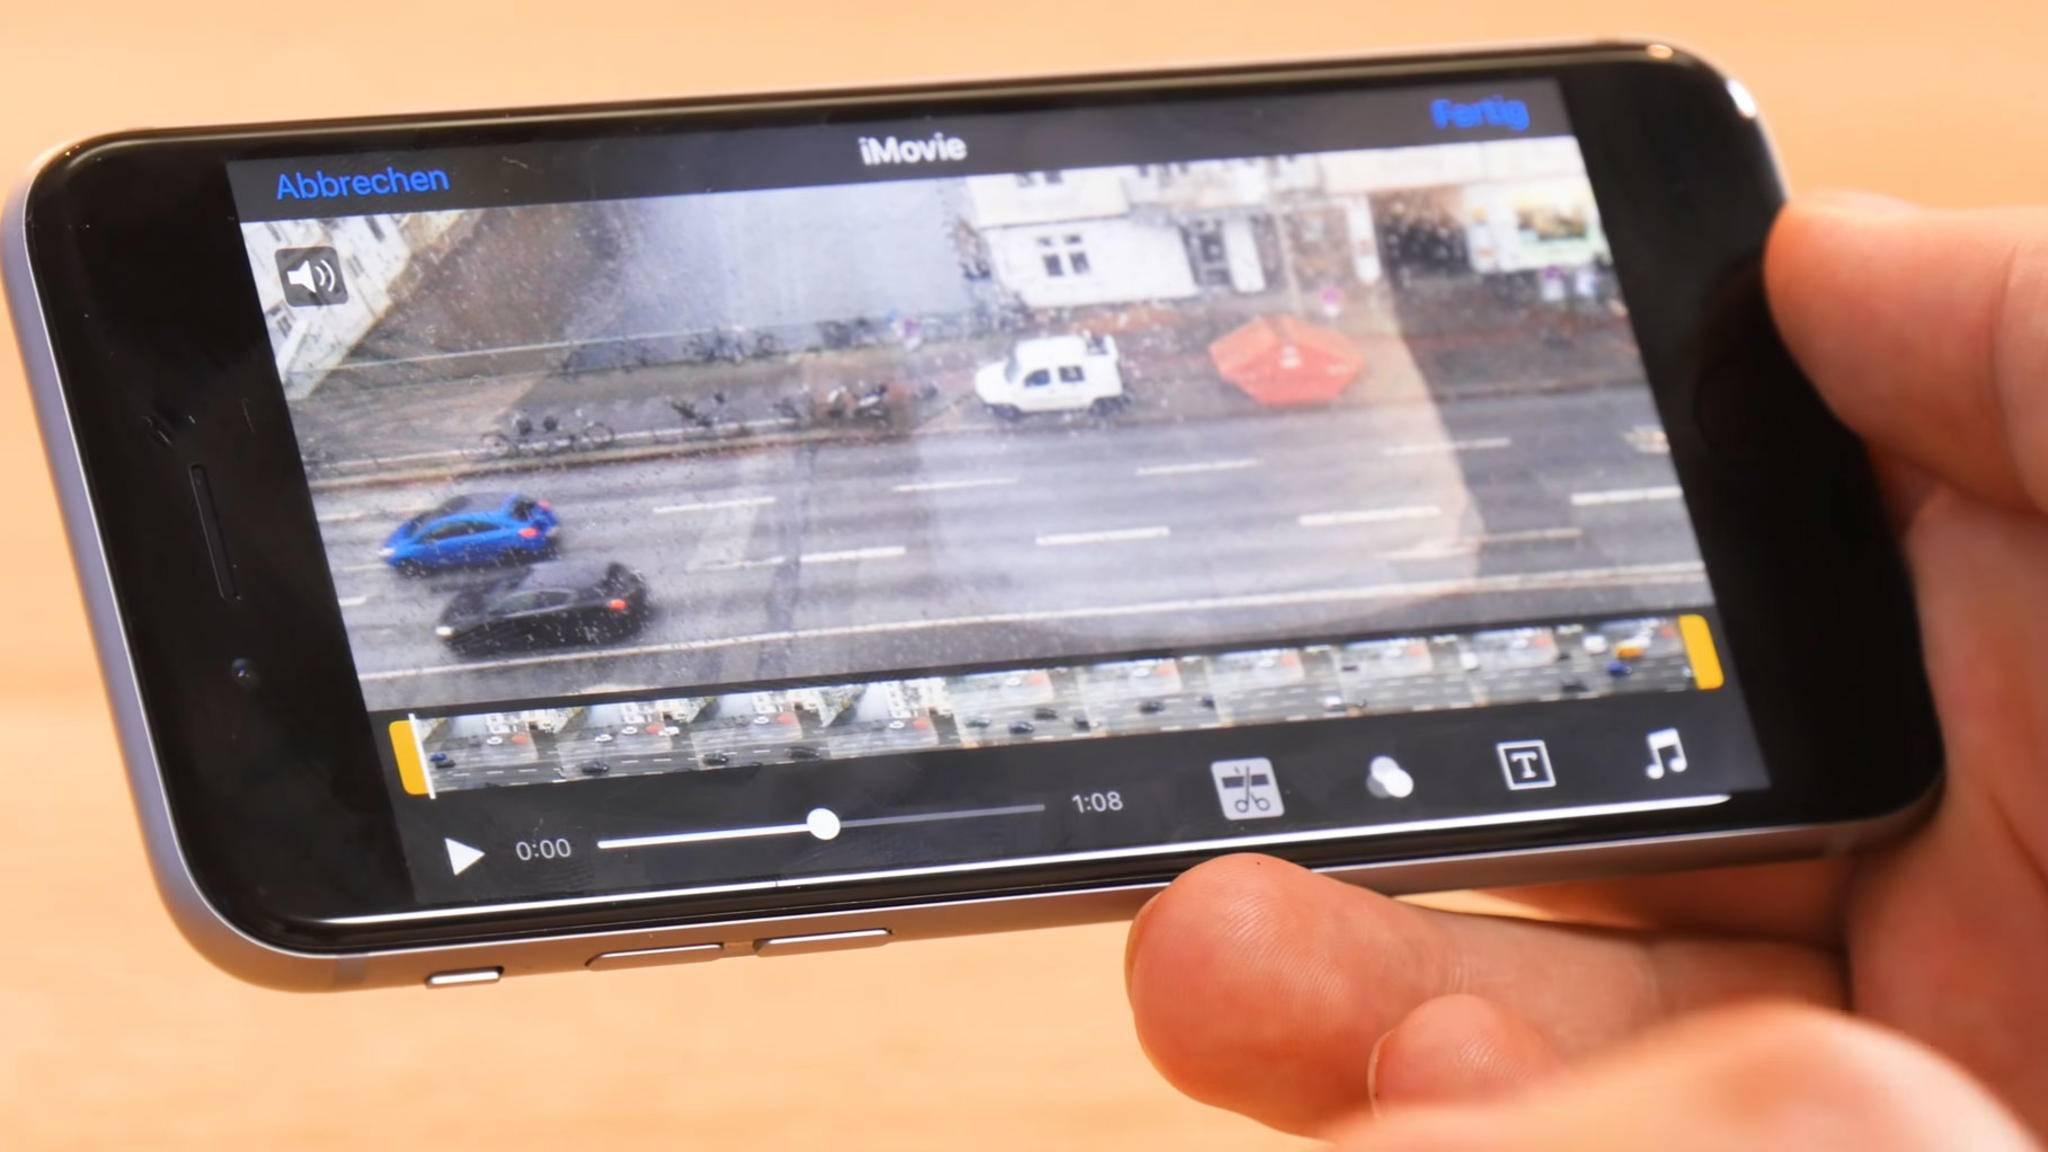 Videos im Querformat lassen sich auf dem iPhone auch nachträglich drehen.